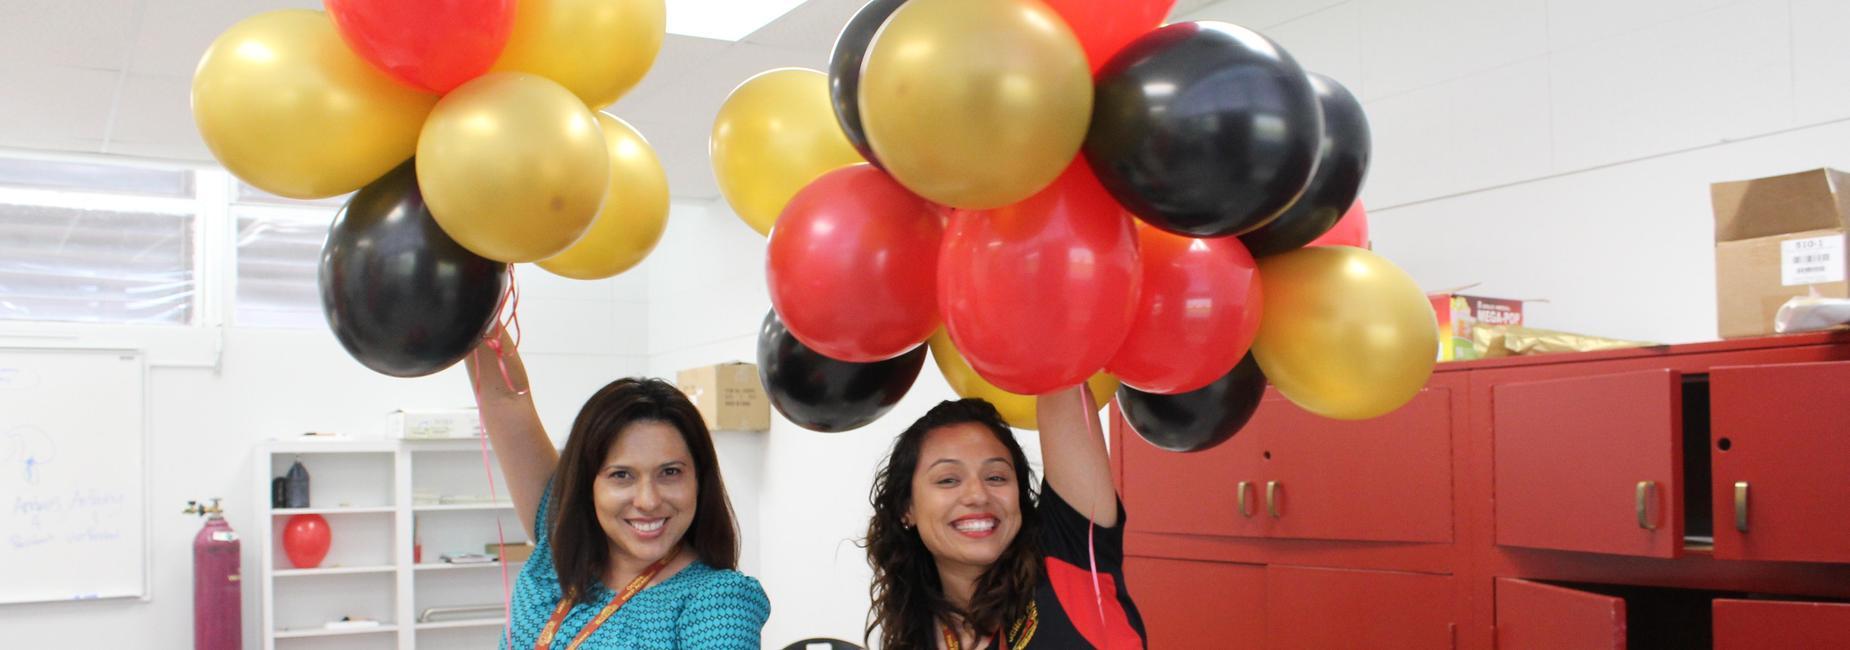 Ochoa Teachers